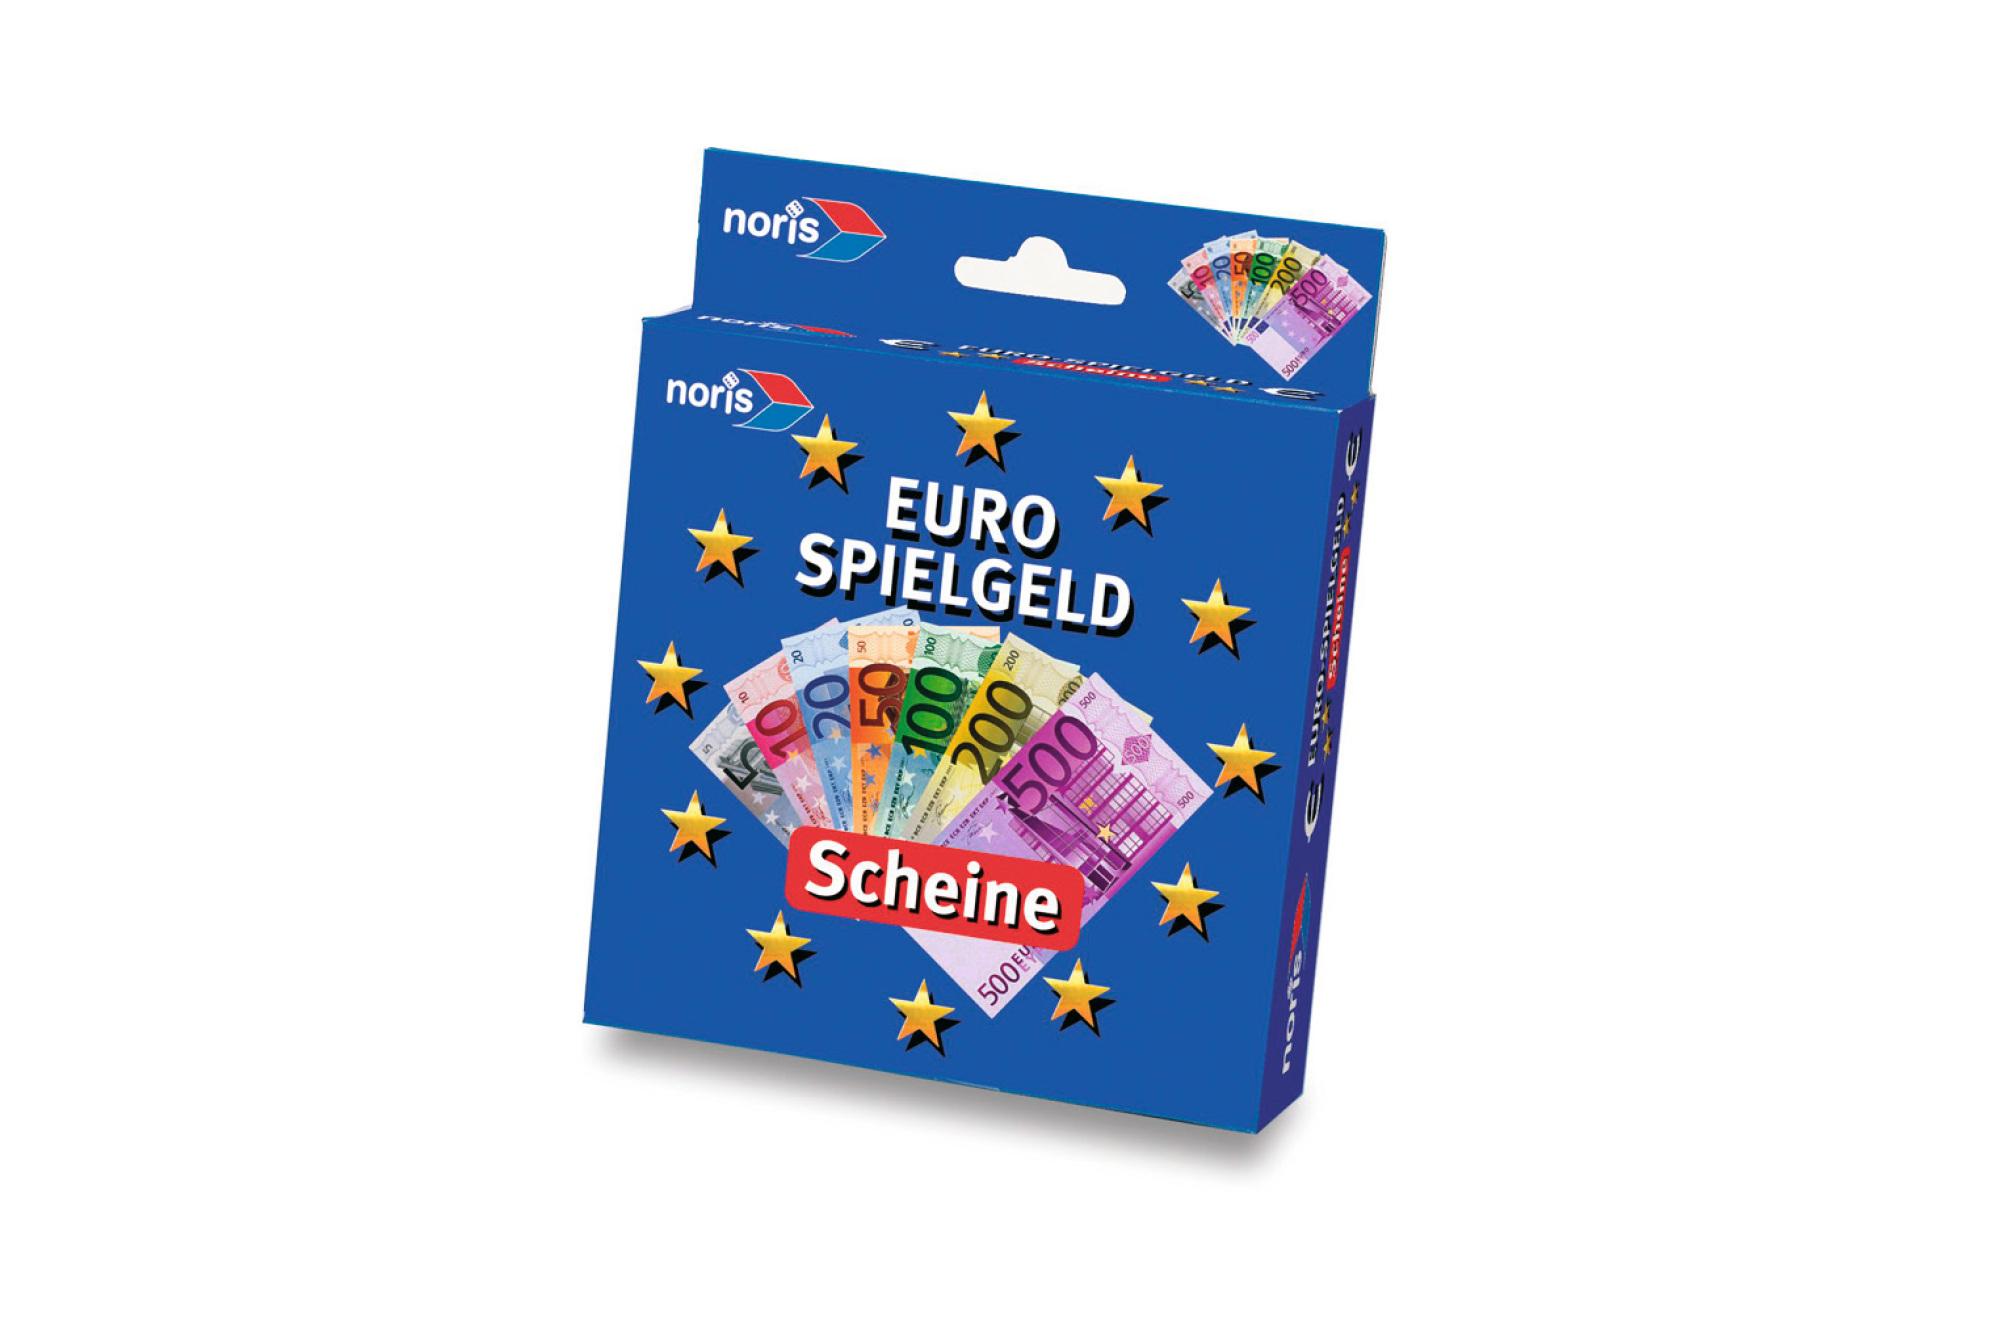 Euro Spielgeld Scheine